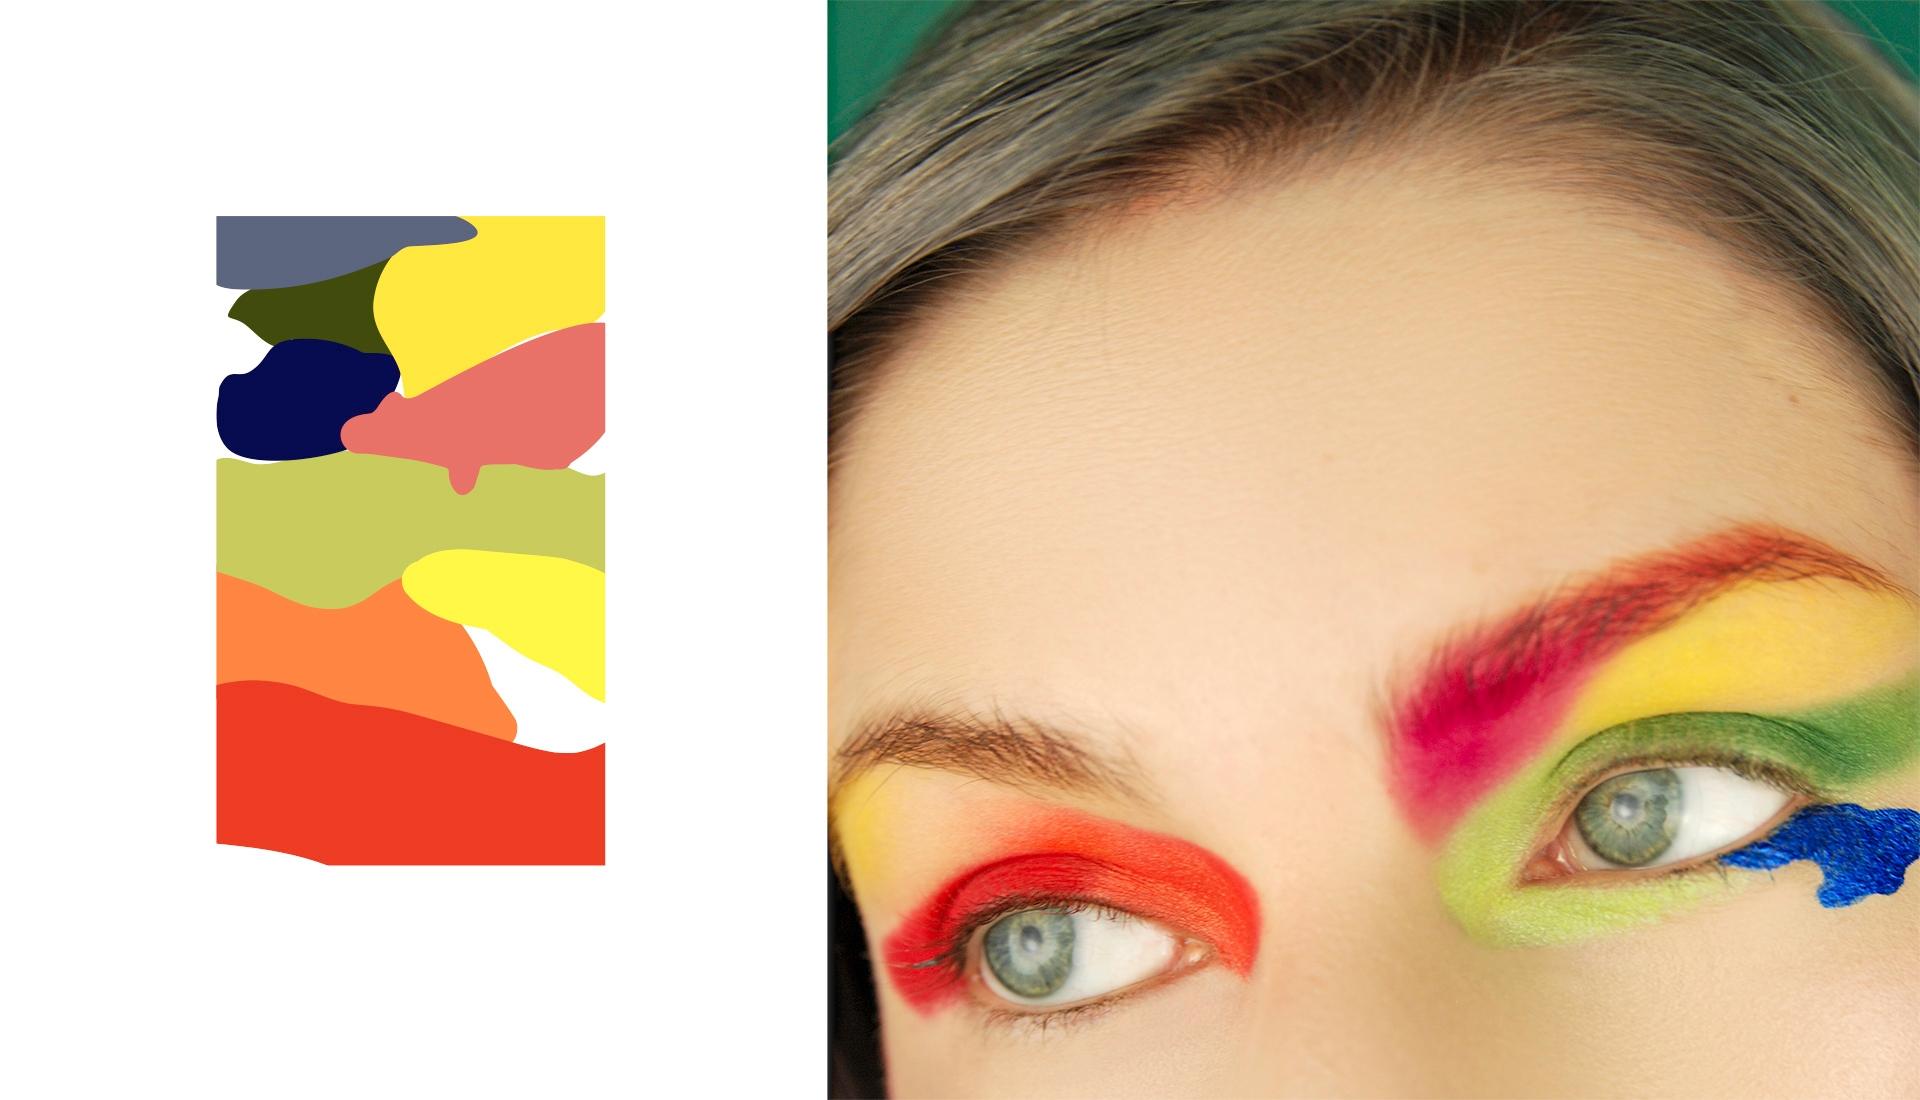 Obraz przedstawia kolorową kompozycję z lewej strony oraz fotografię damskich oczy z prawej strony.